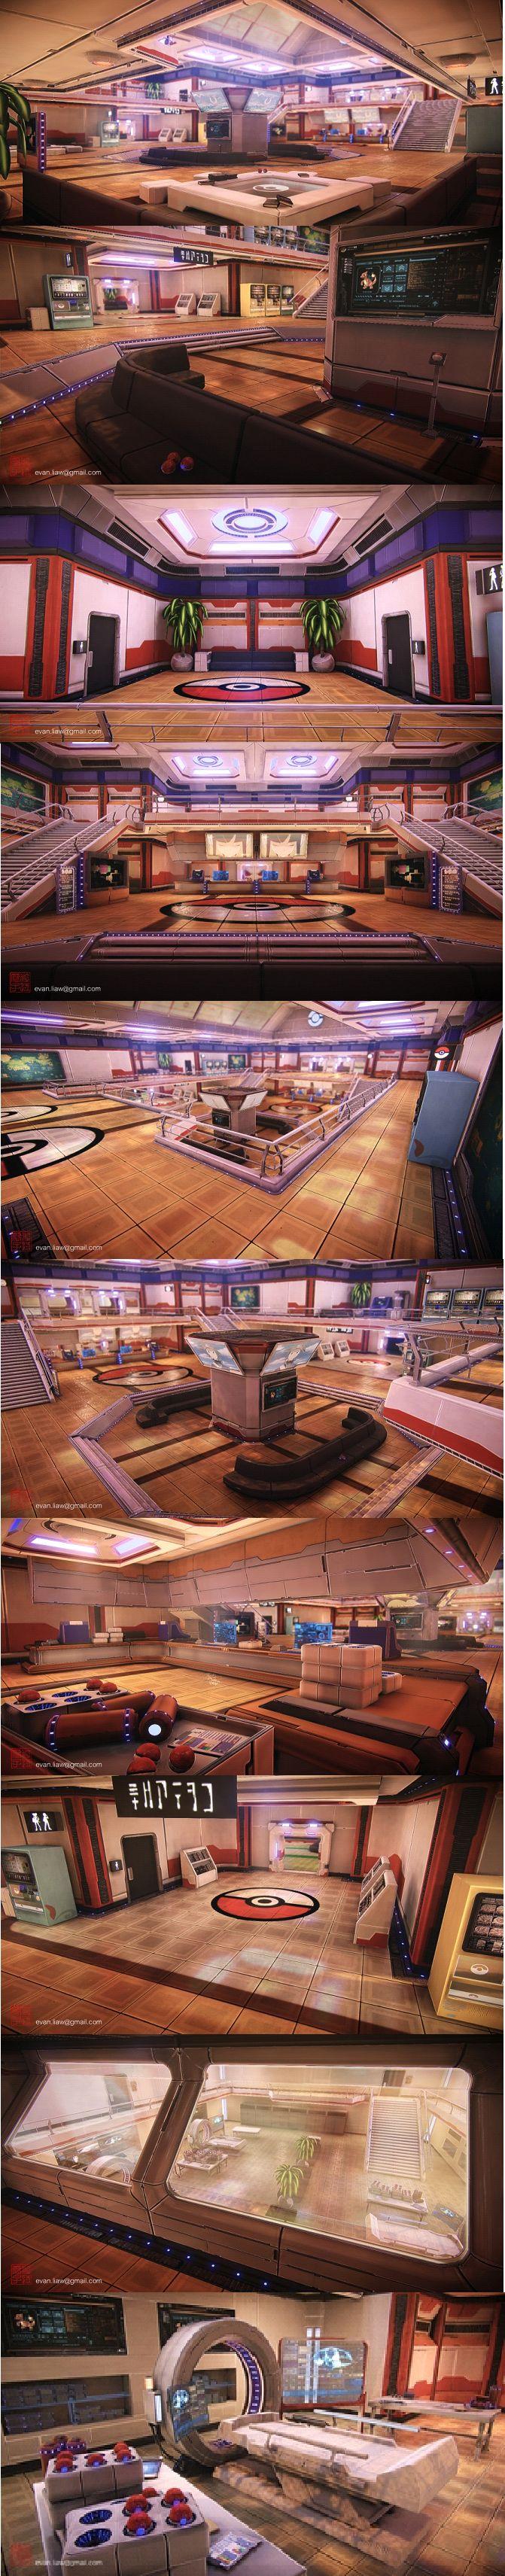 3d modeling center pokemon